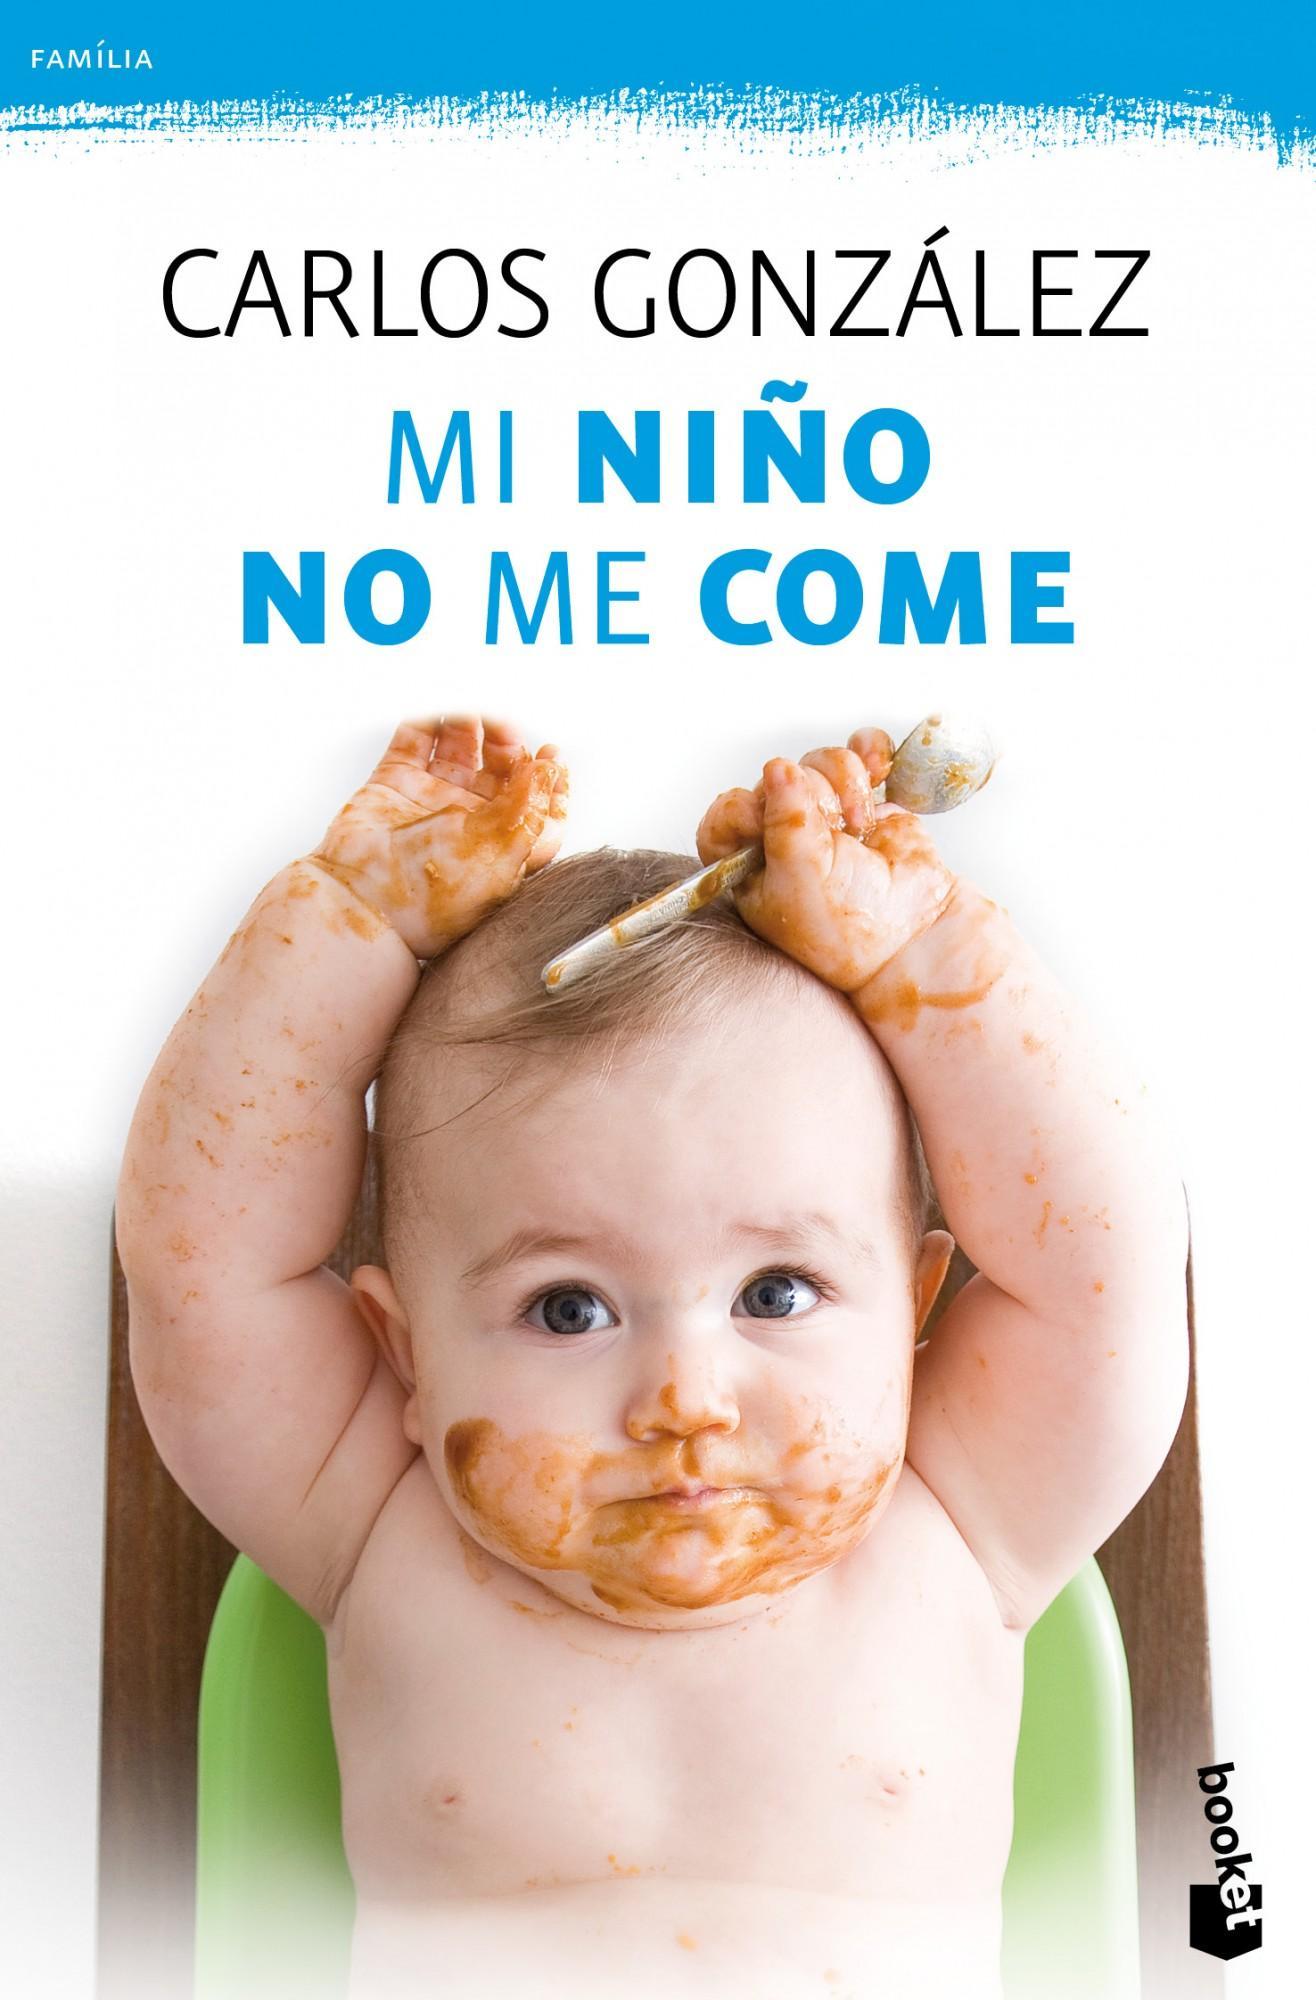 Libros sobre lactancia, alimentación y crianza